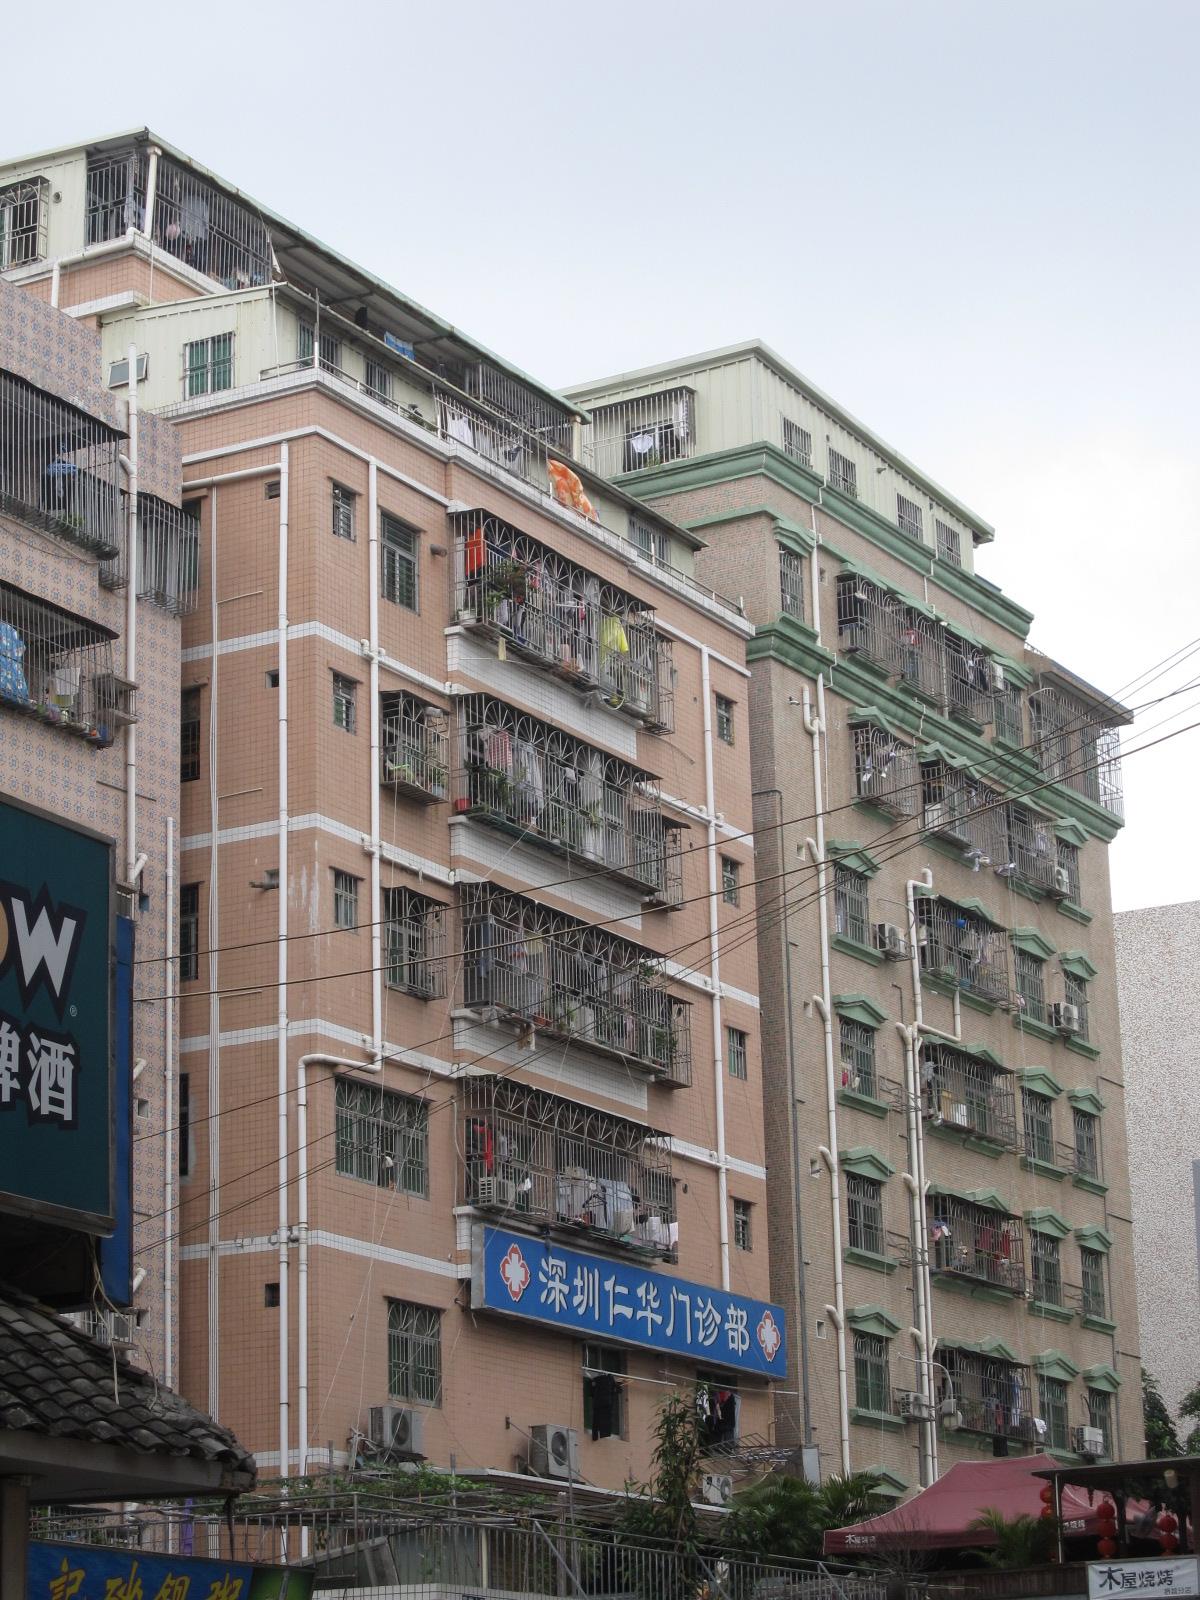 """""""בתי נשיקות"""" בכפר העירוני בסין, הבניה בשטח מגיעה לניצולת של 90% מהשטח (צילום: דרור קוכן)"""